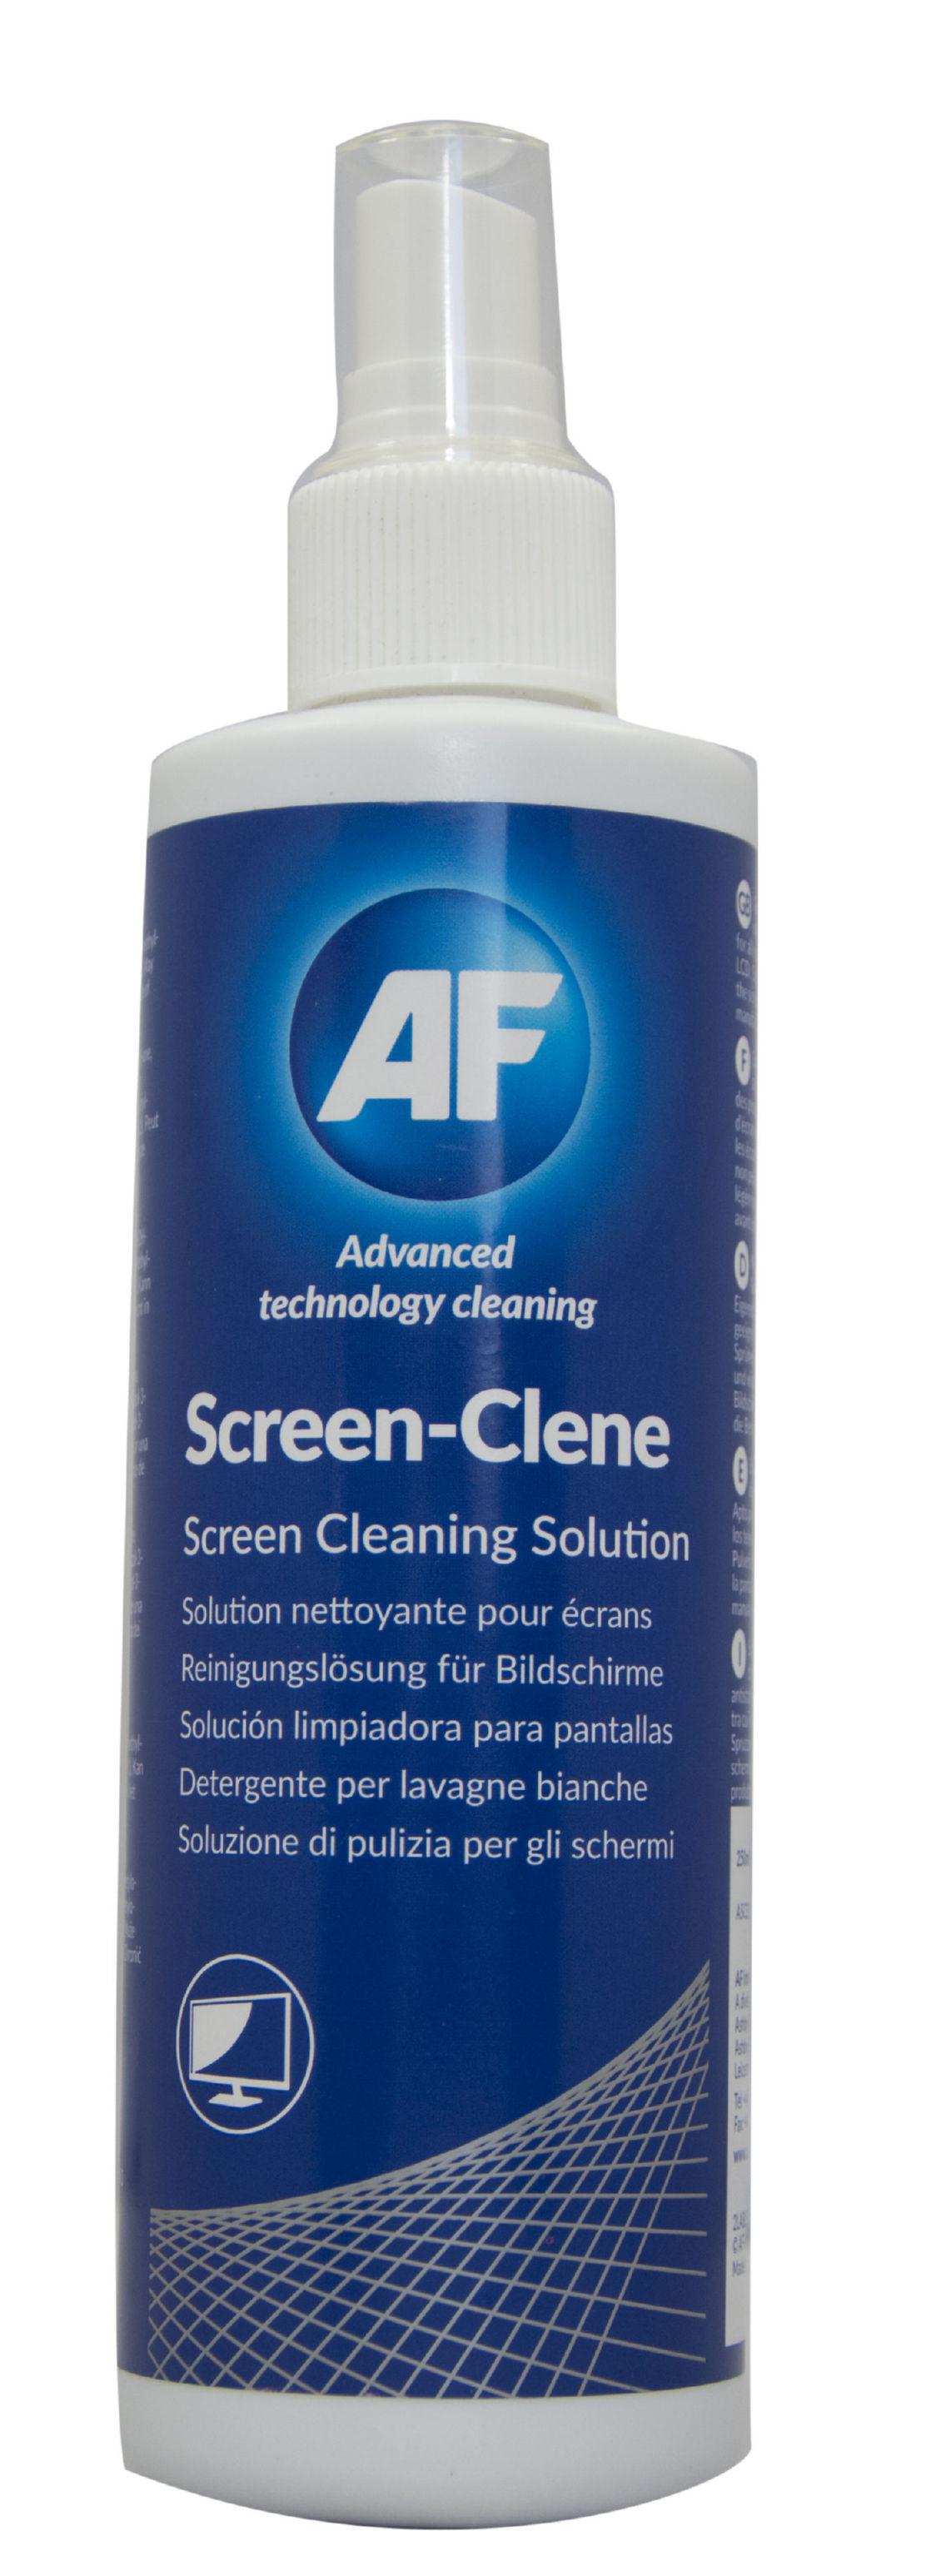 AF Screen-Clene Pump Spray 250ml